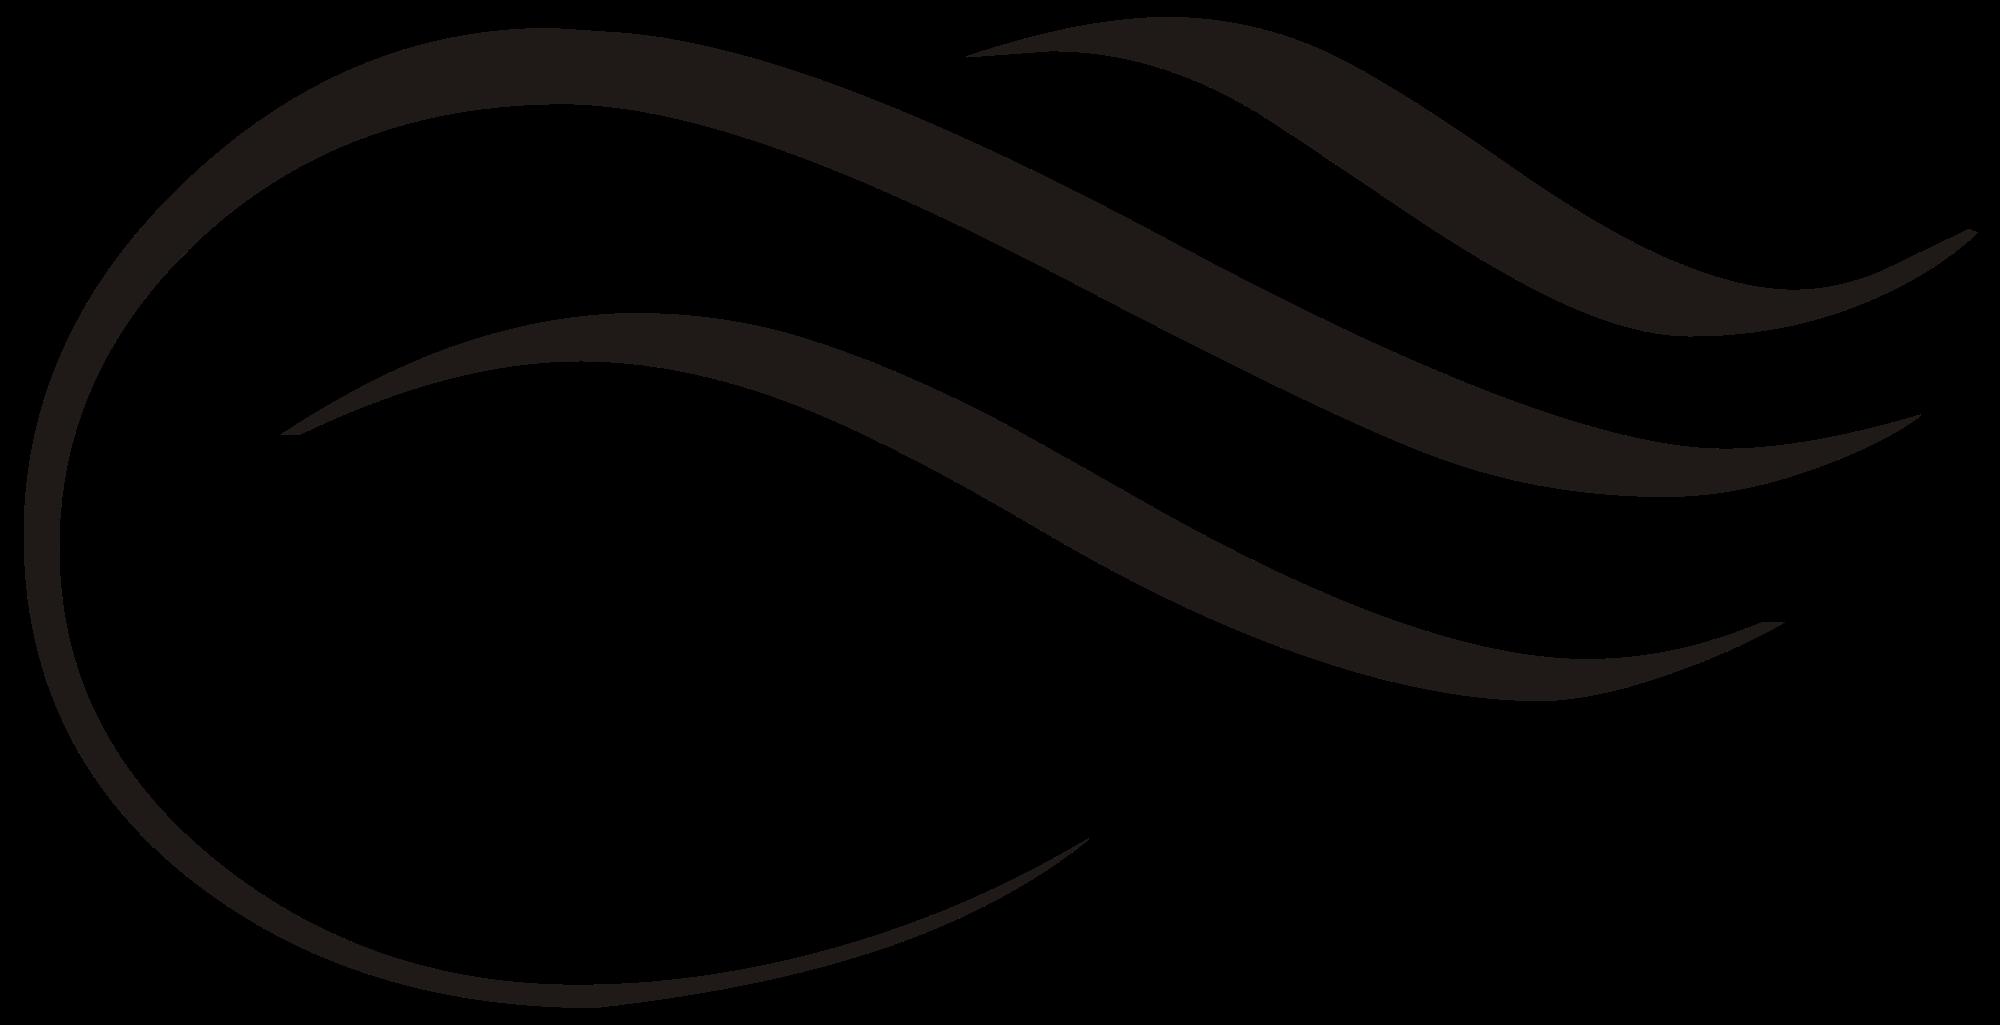 Three Black Lines Logos